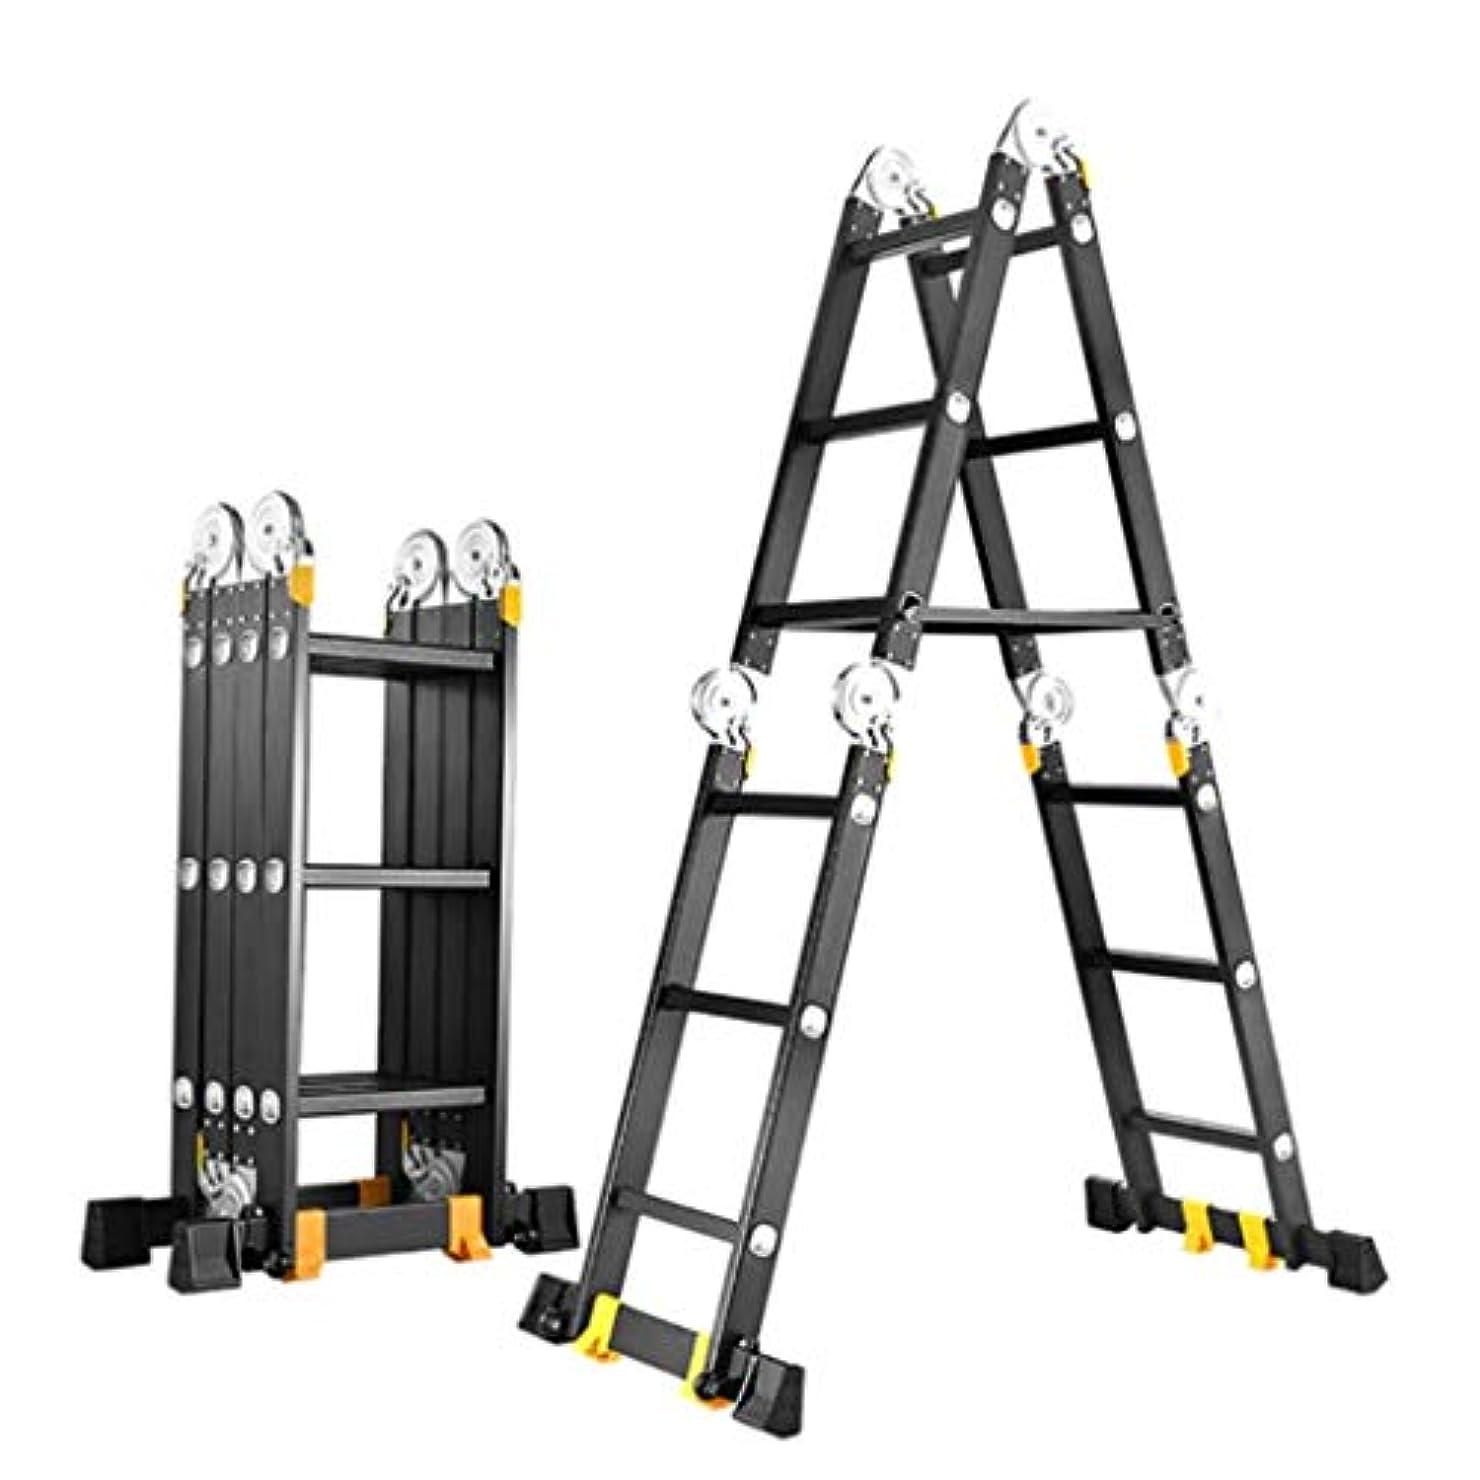 ロードブロッキング橋脚代表団XEWNEG 折りたたみ梯子、多機能アルミ梯子、プーリーとバランスバー付きのポータブルエンジニアリング梯子、 (Size : Straight 5.8M= Herringbone 2.8M)